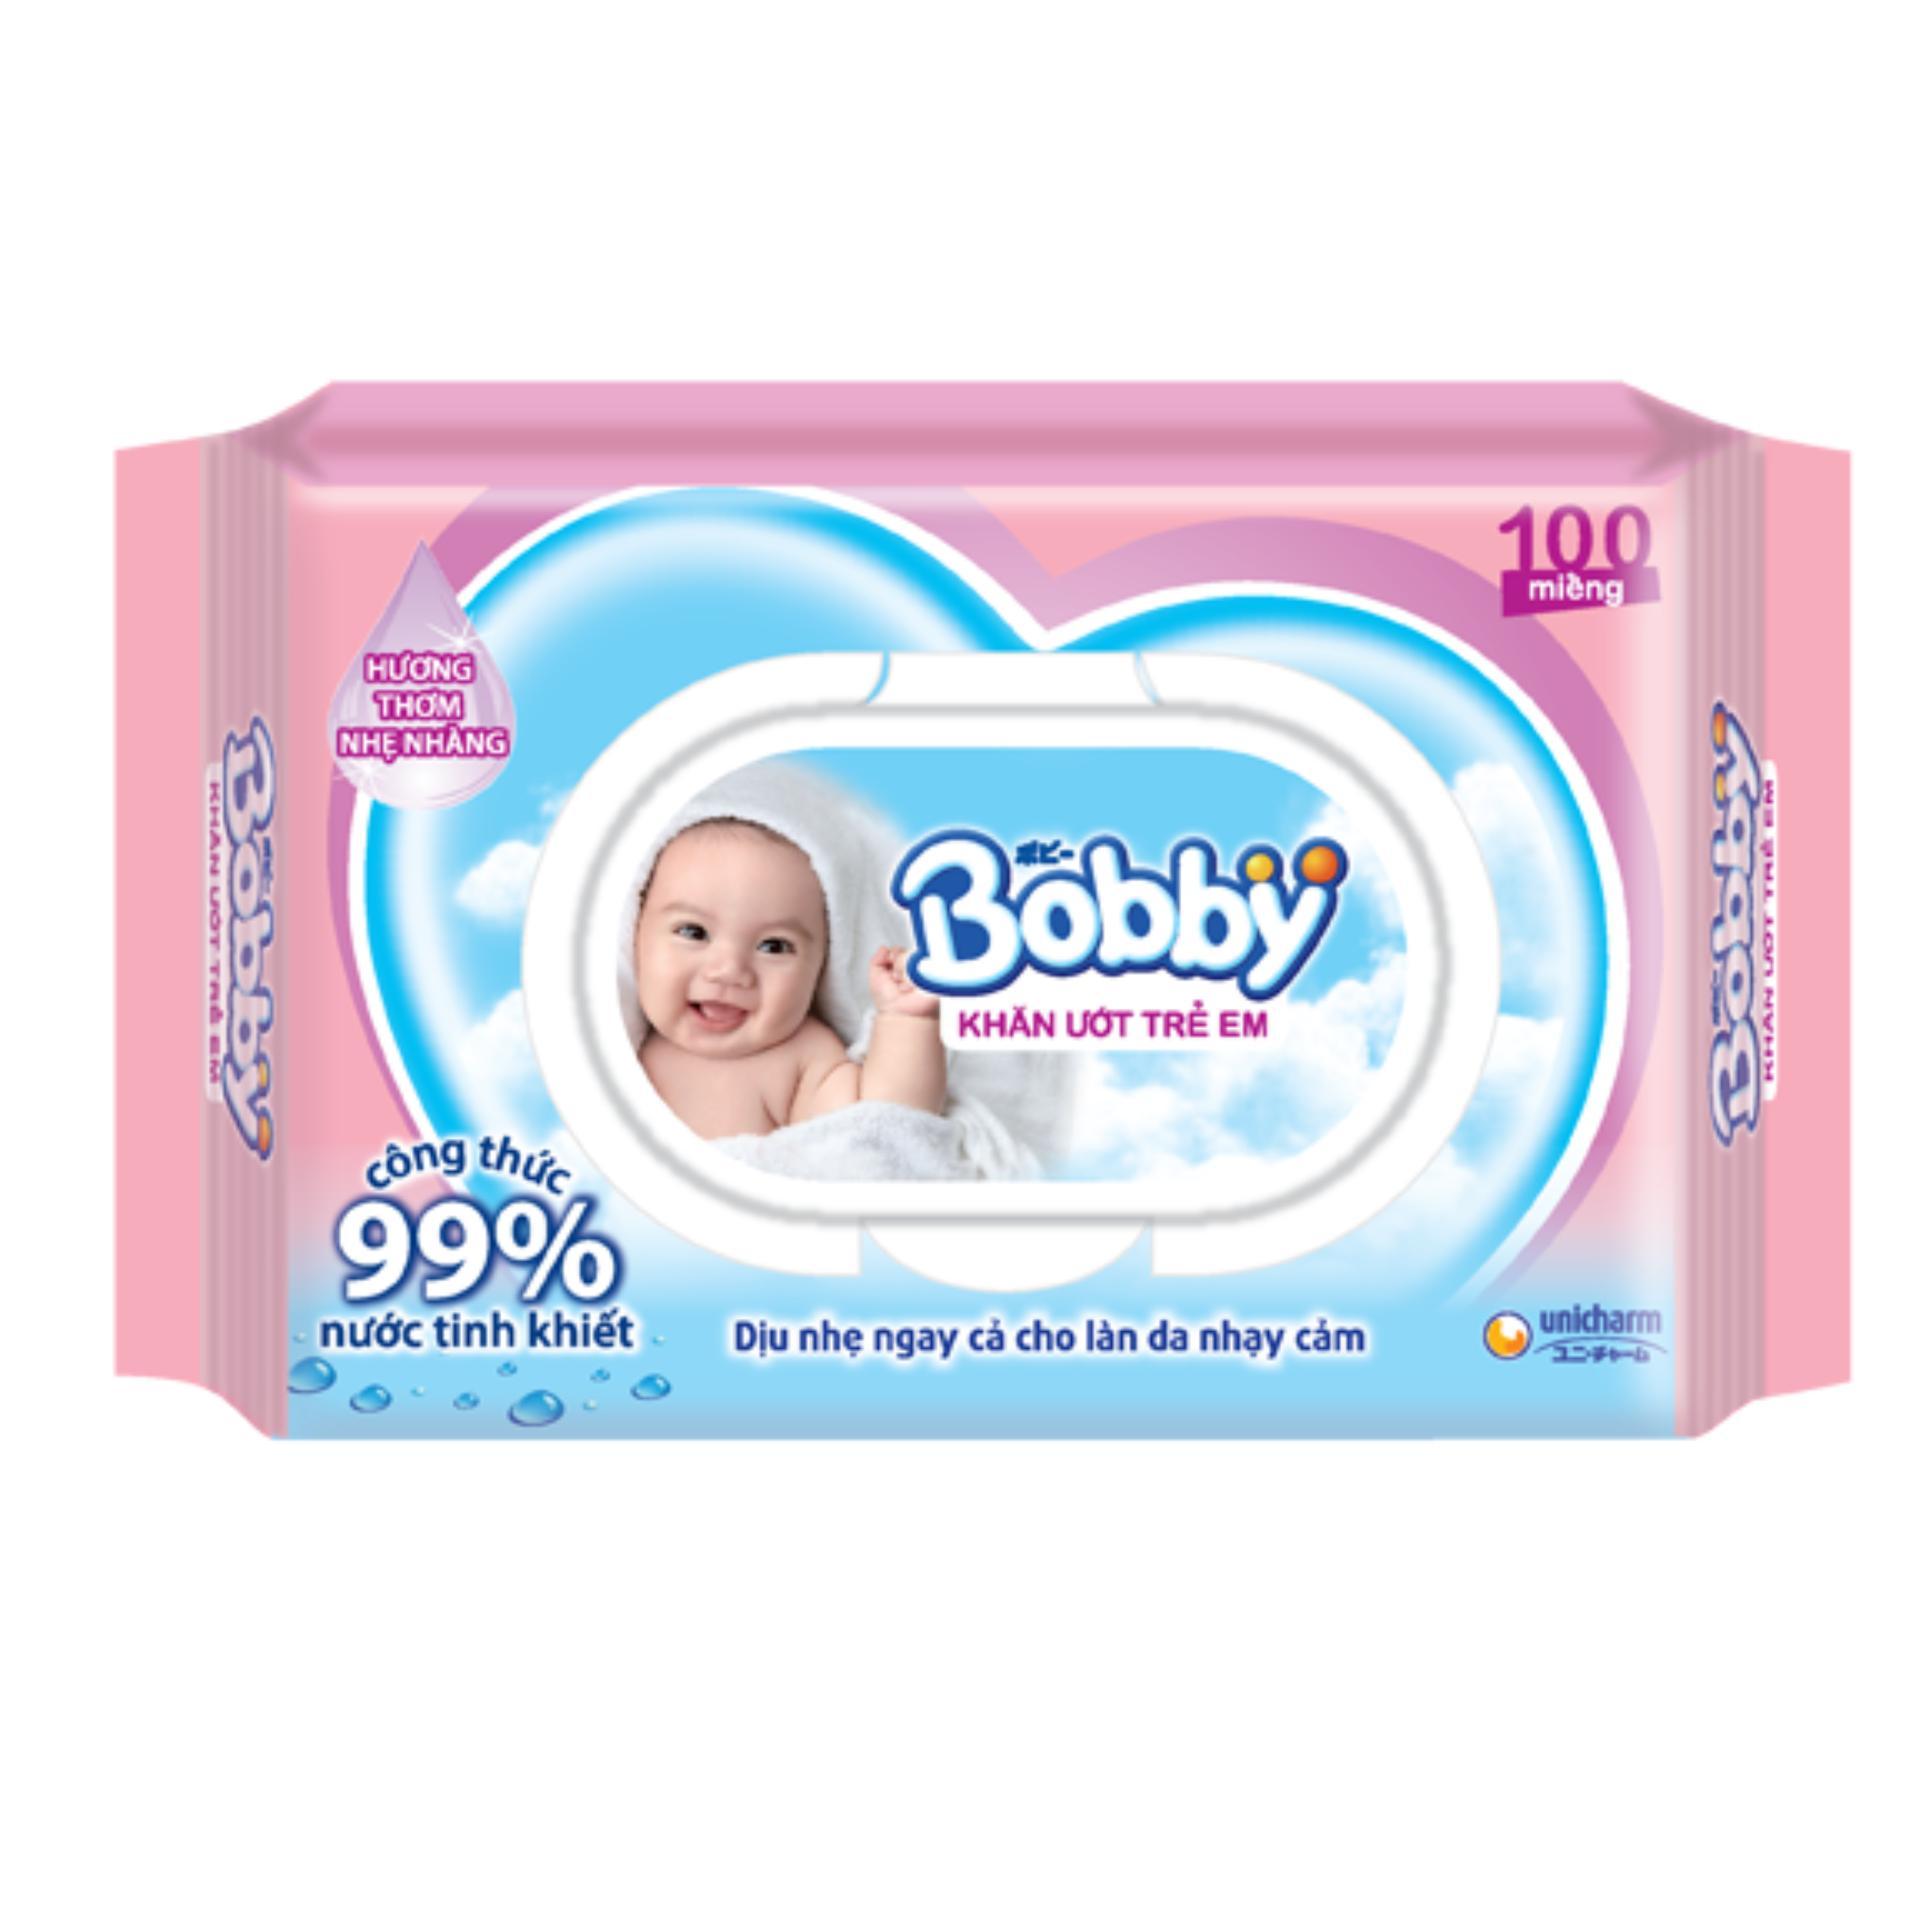 Bộ 2 gói Khăn ướt Bobby 100 tờ mùi hương nhẹ nhàng (hồng)